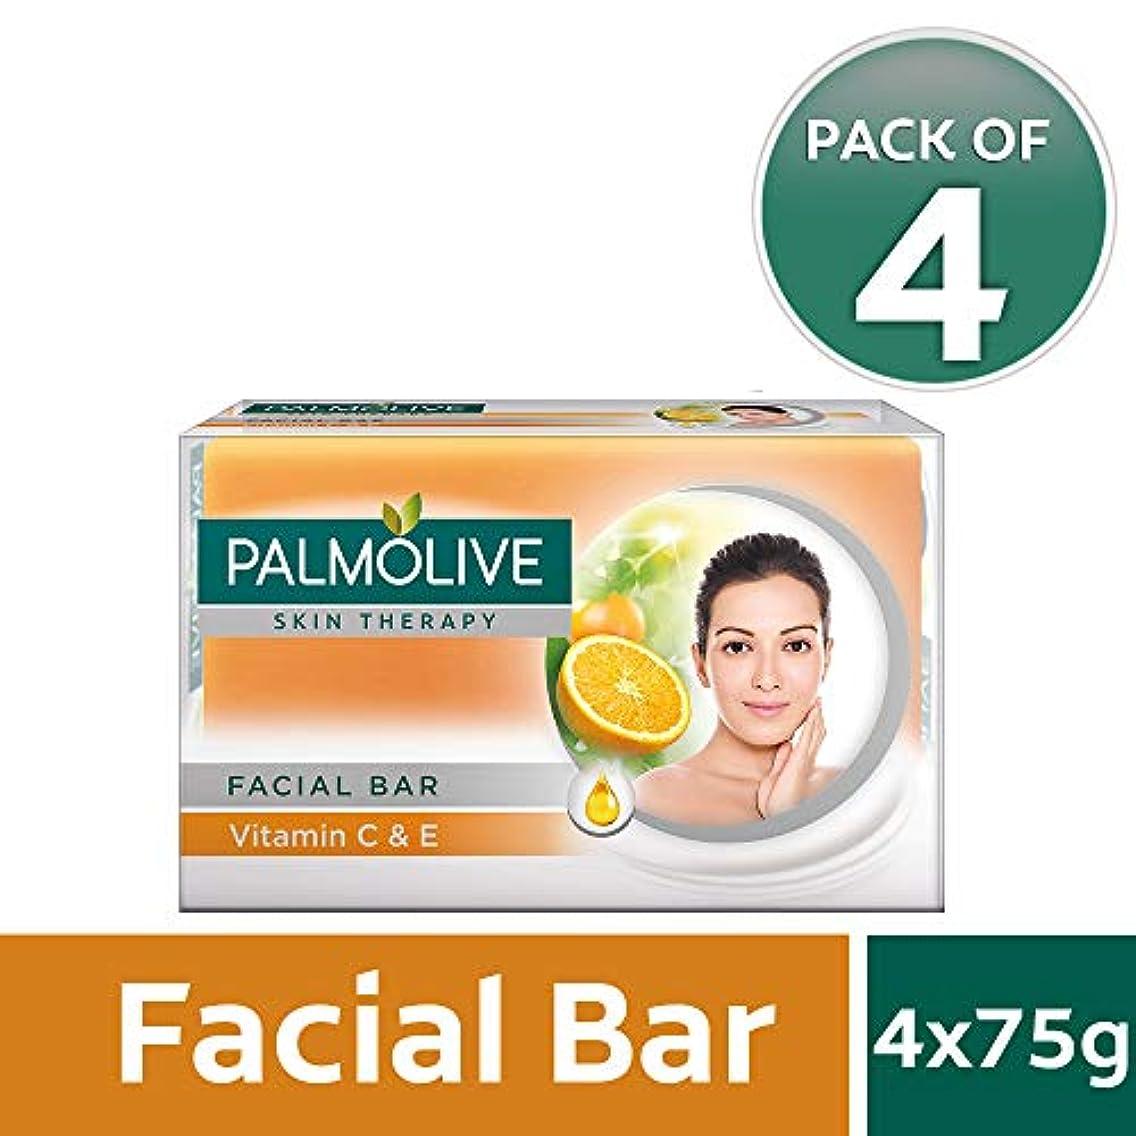 ブランク機械的に序文Palmolive Skin Therapy Facial Bar Soap with Vitamin C and E - 75g (Pack of 4)